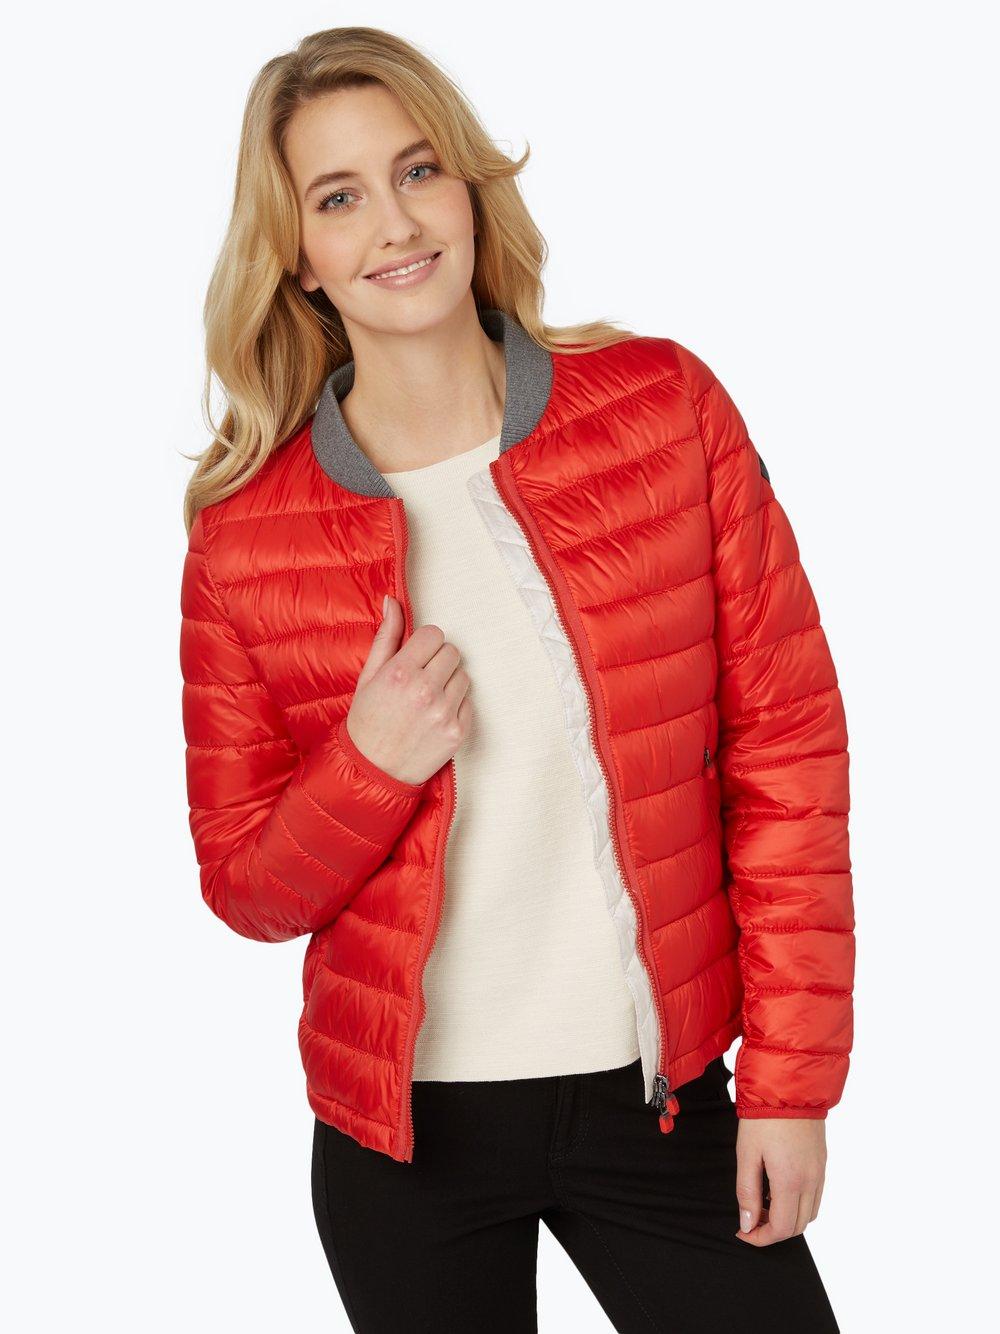 kurtka czerwona marco polo damska